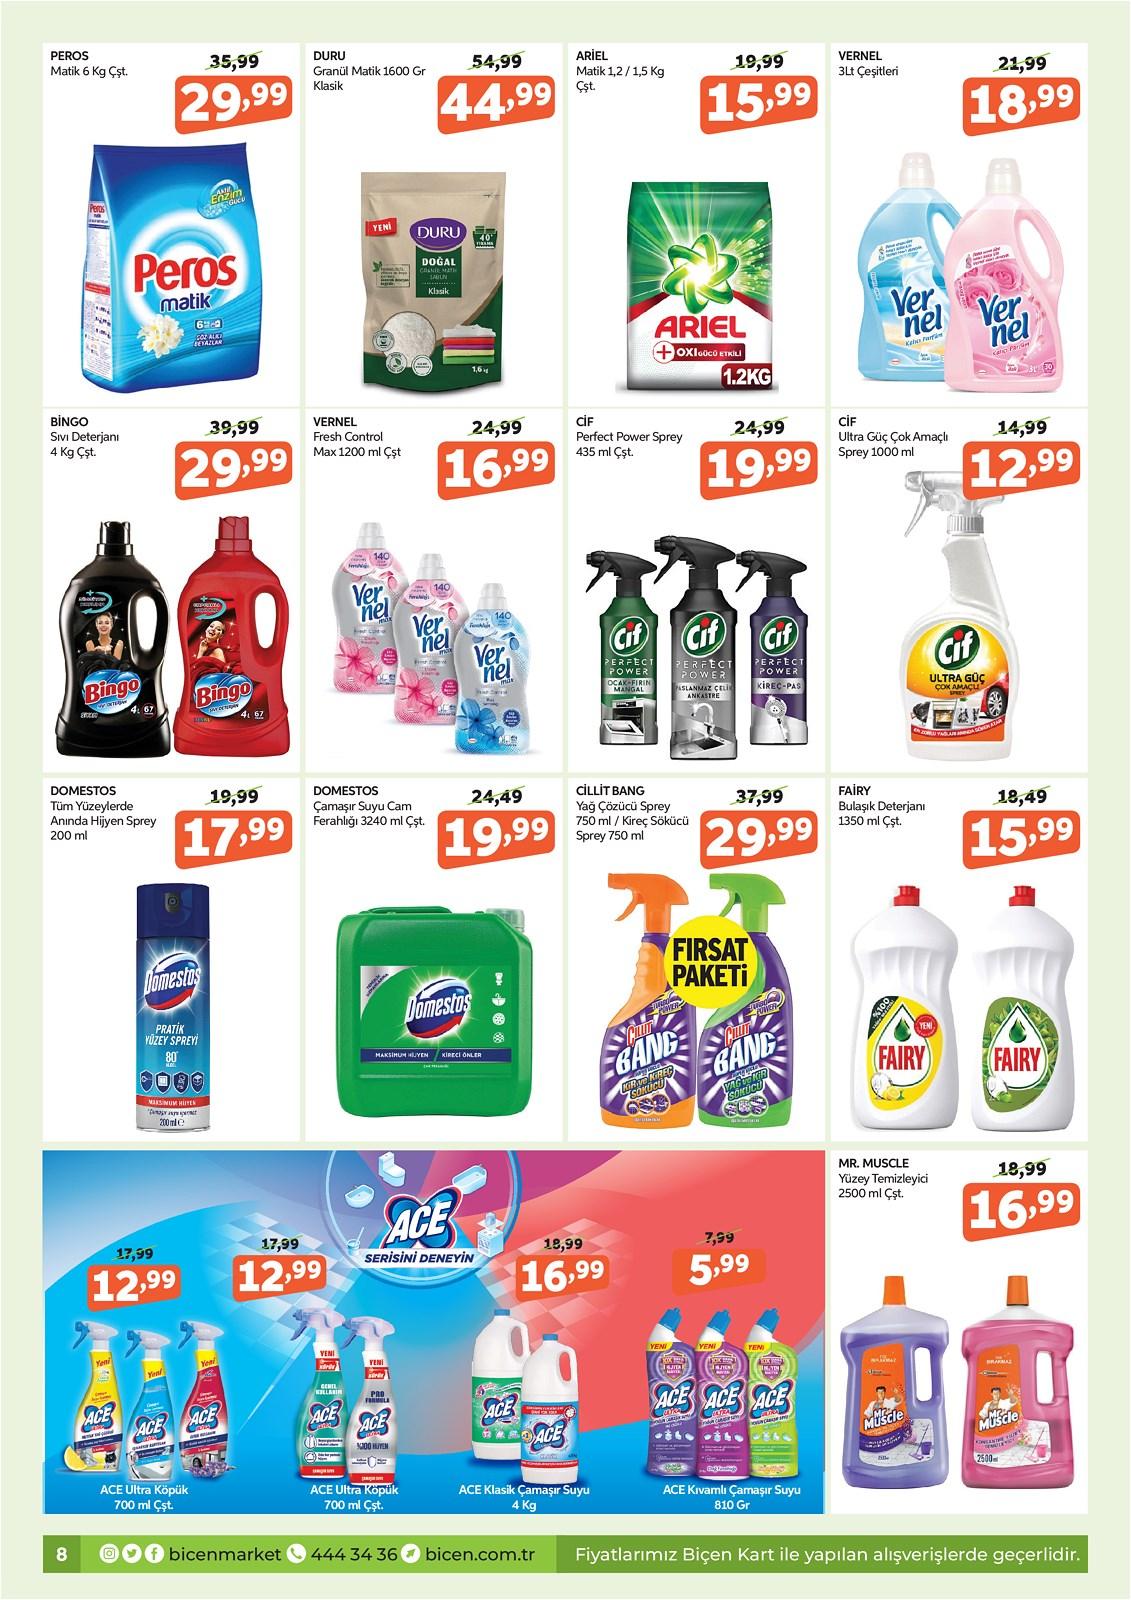 07.10.2021 Biçen Market broşürü 8. sayfa